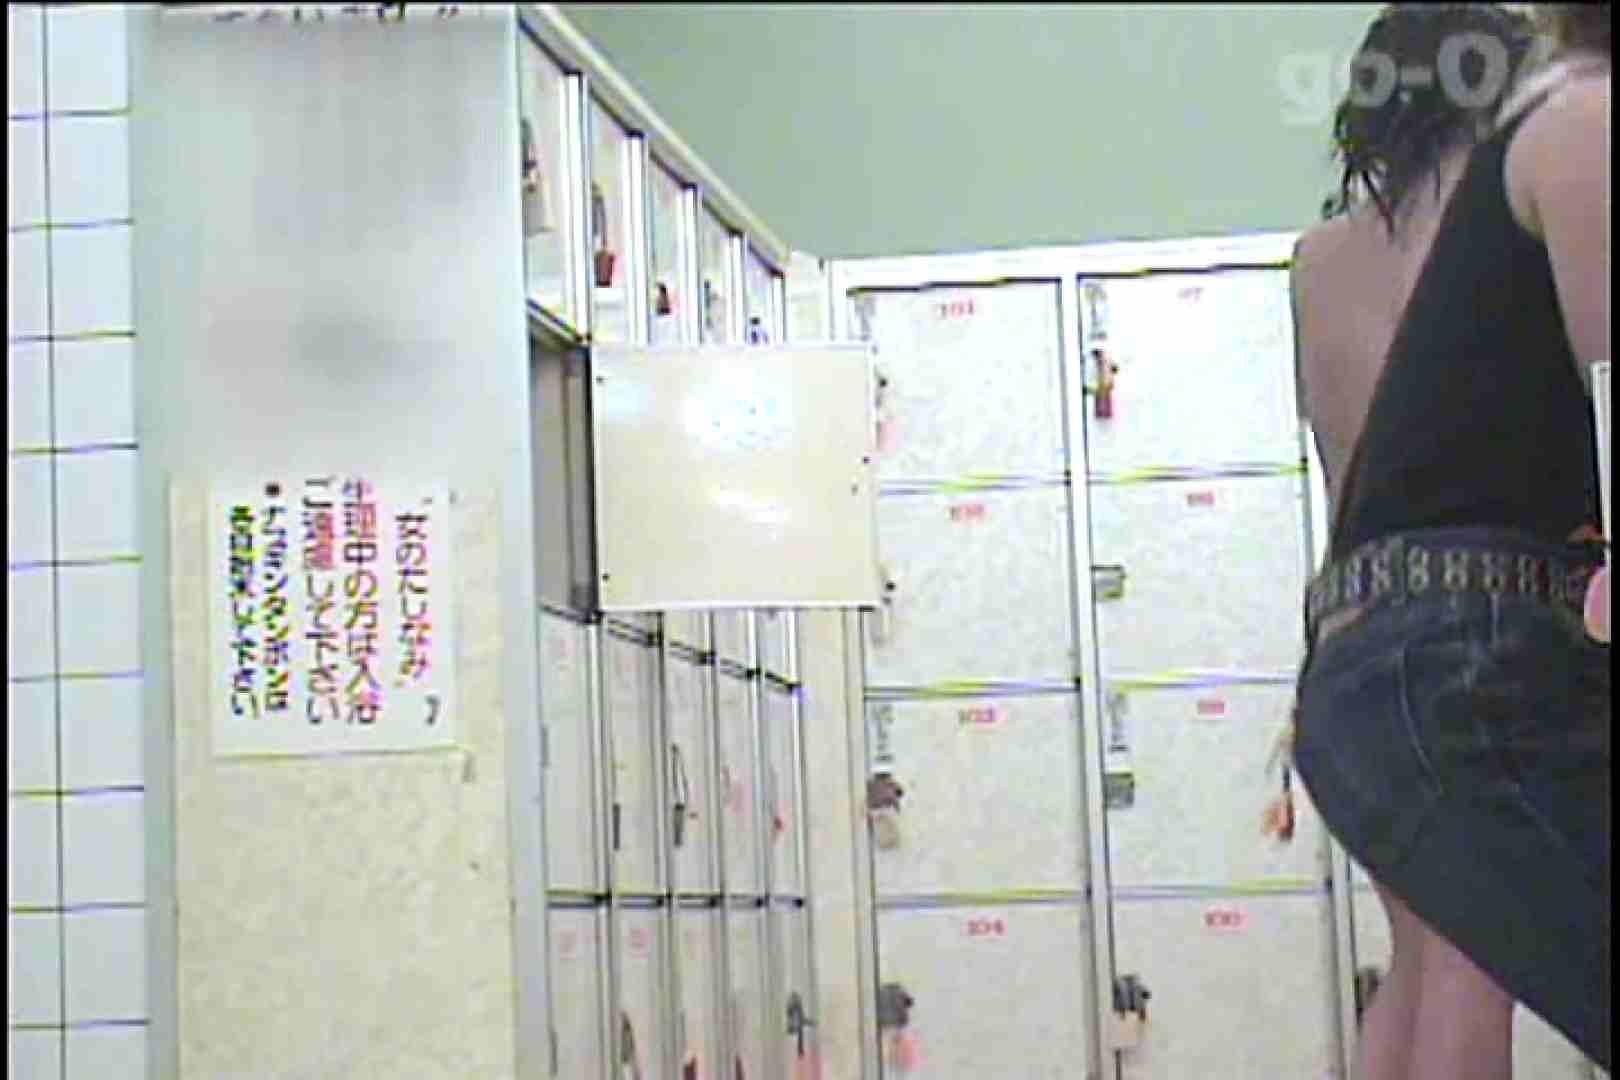 電波カメラ設置浴場からの防HAN映像 Vol.04 ギャルズ セックス無修正動画無料 97画像 72